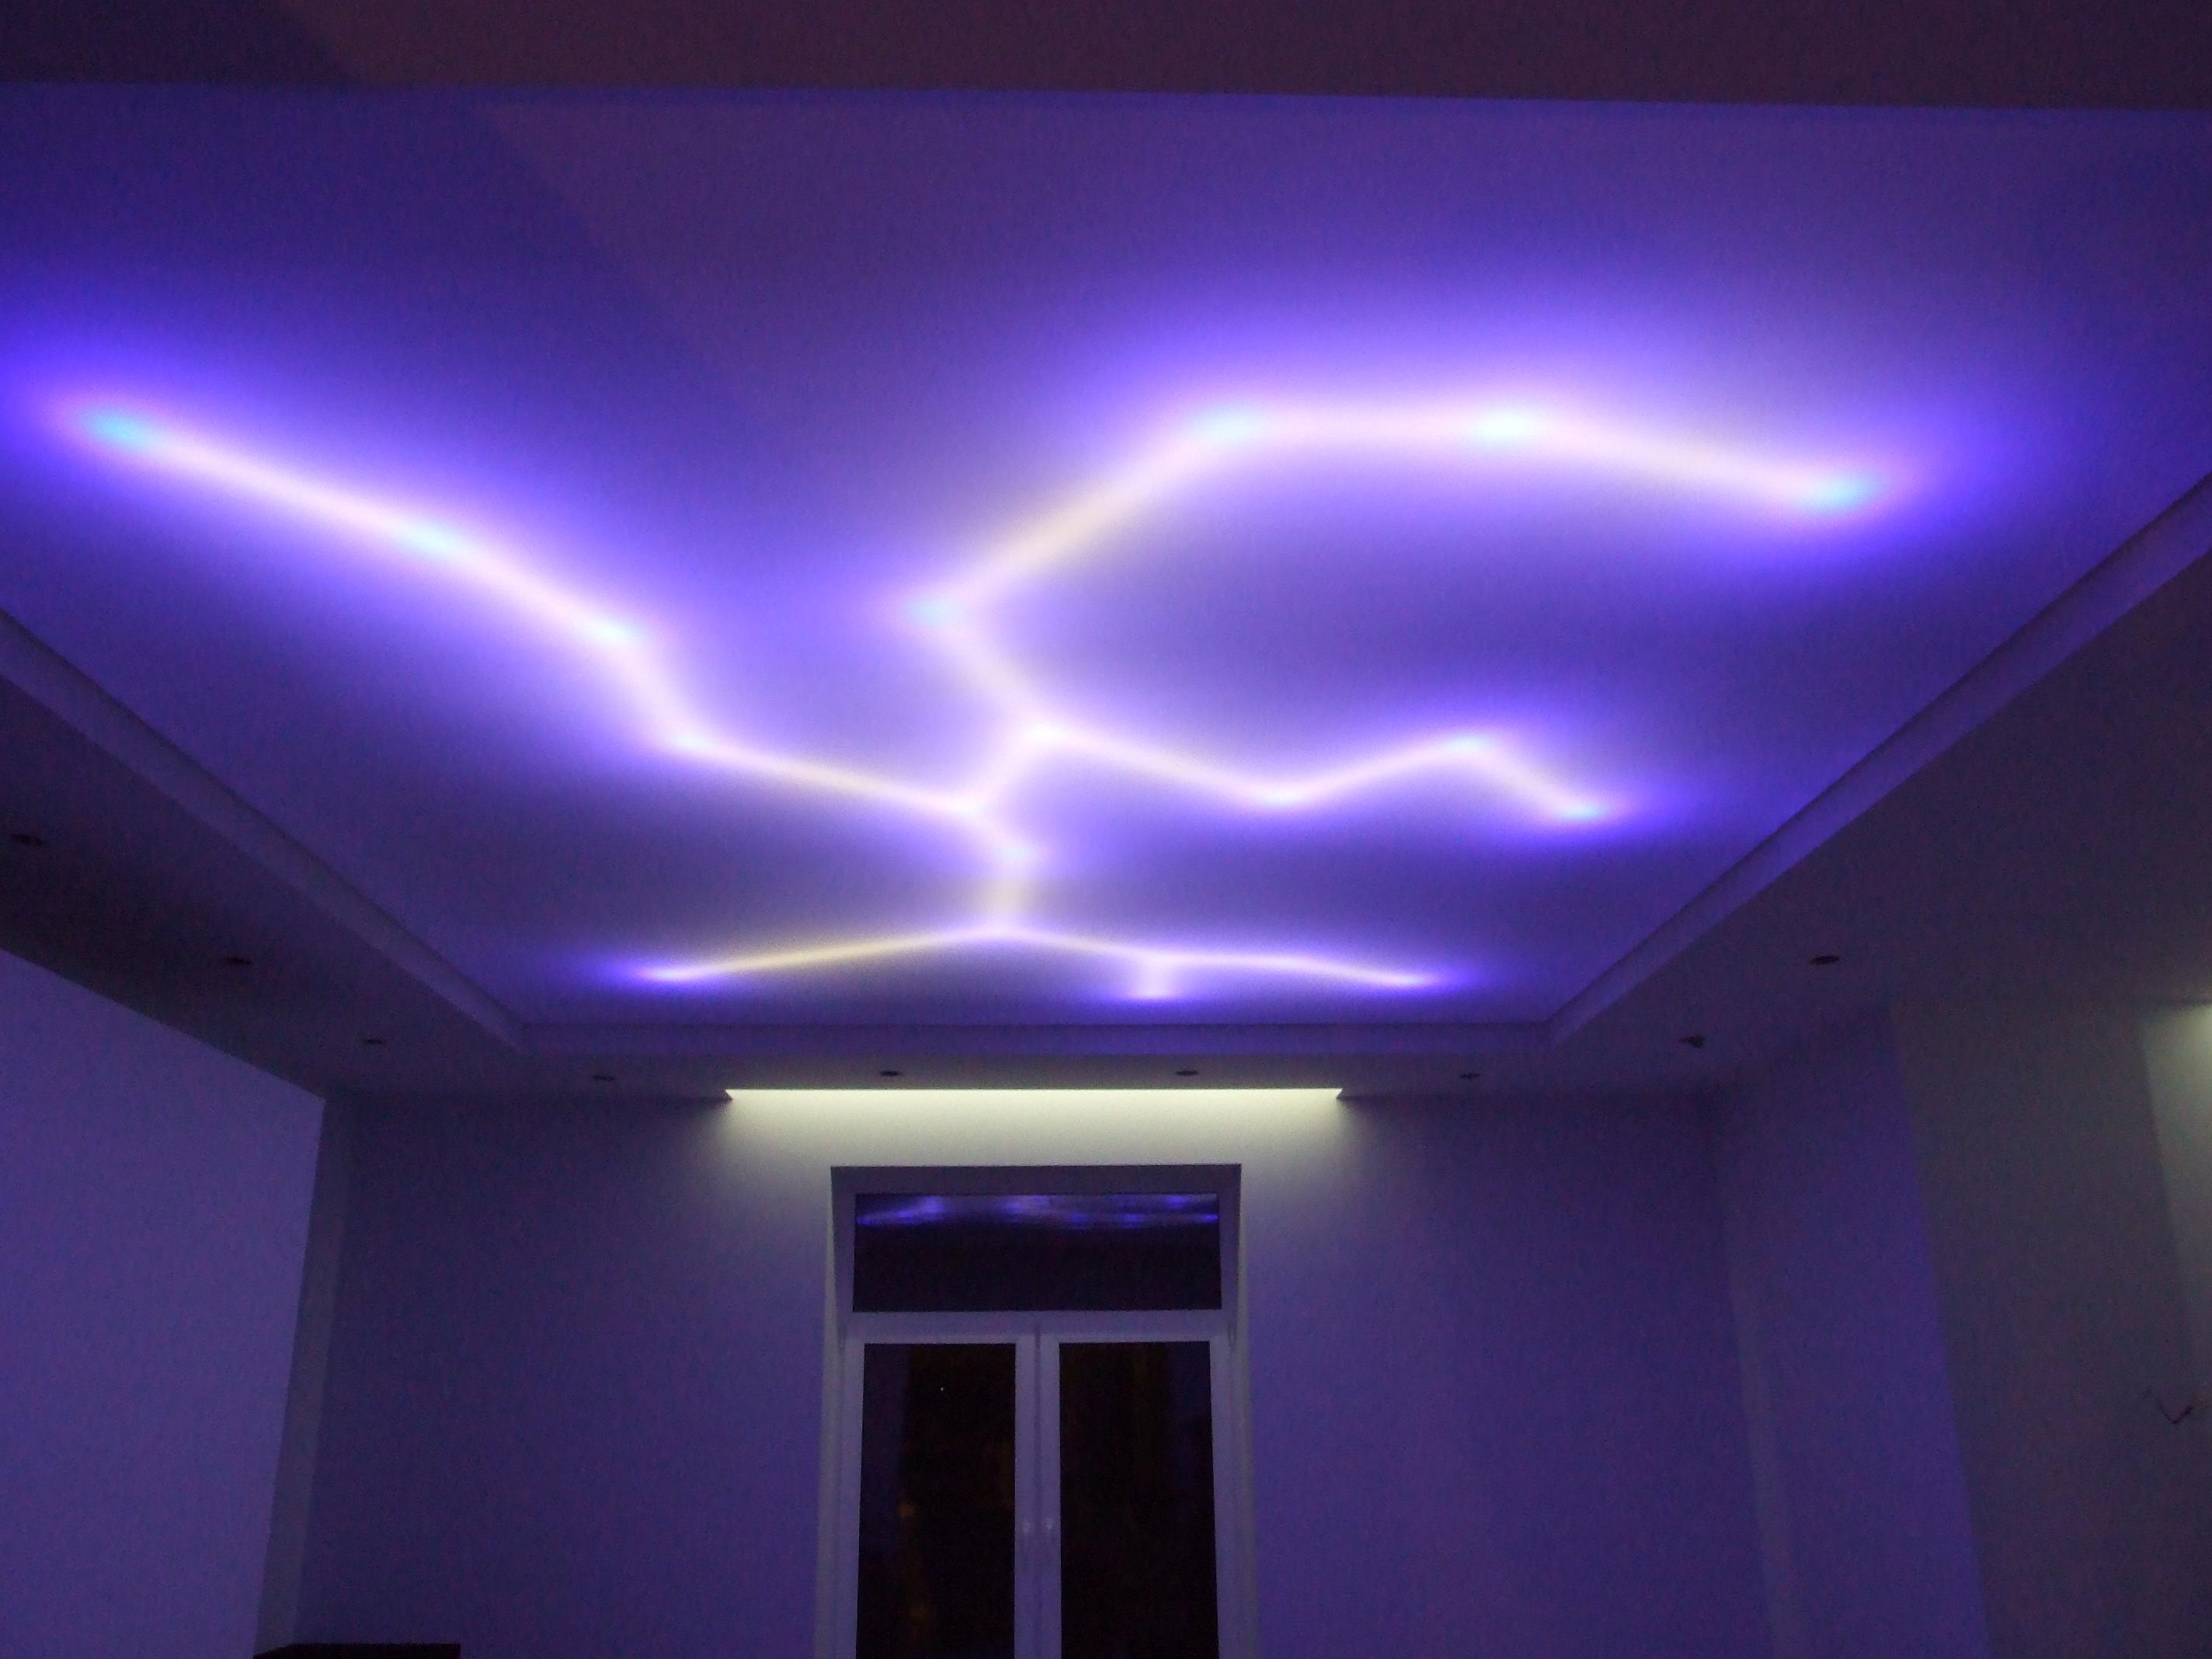 Диодная подсветка потолка фото